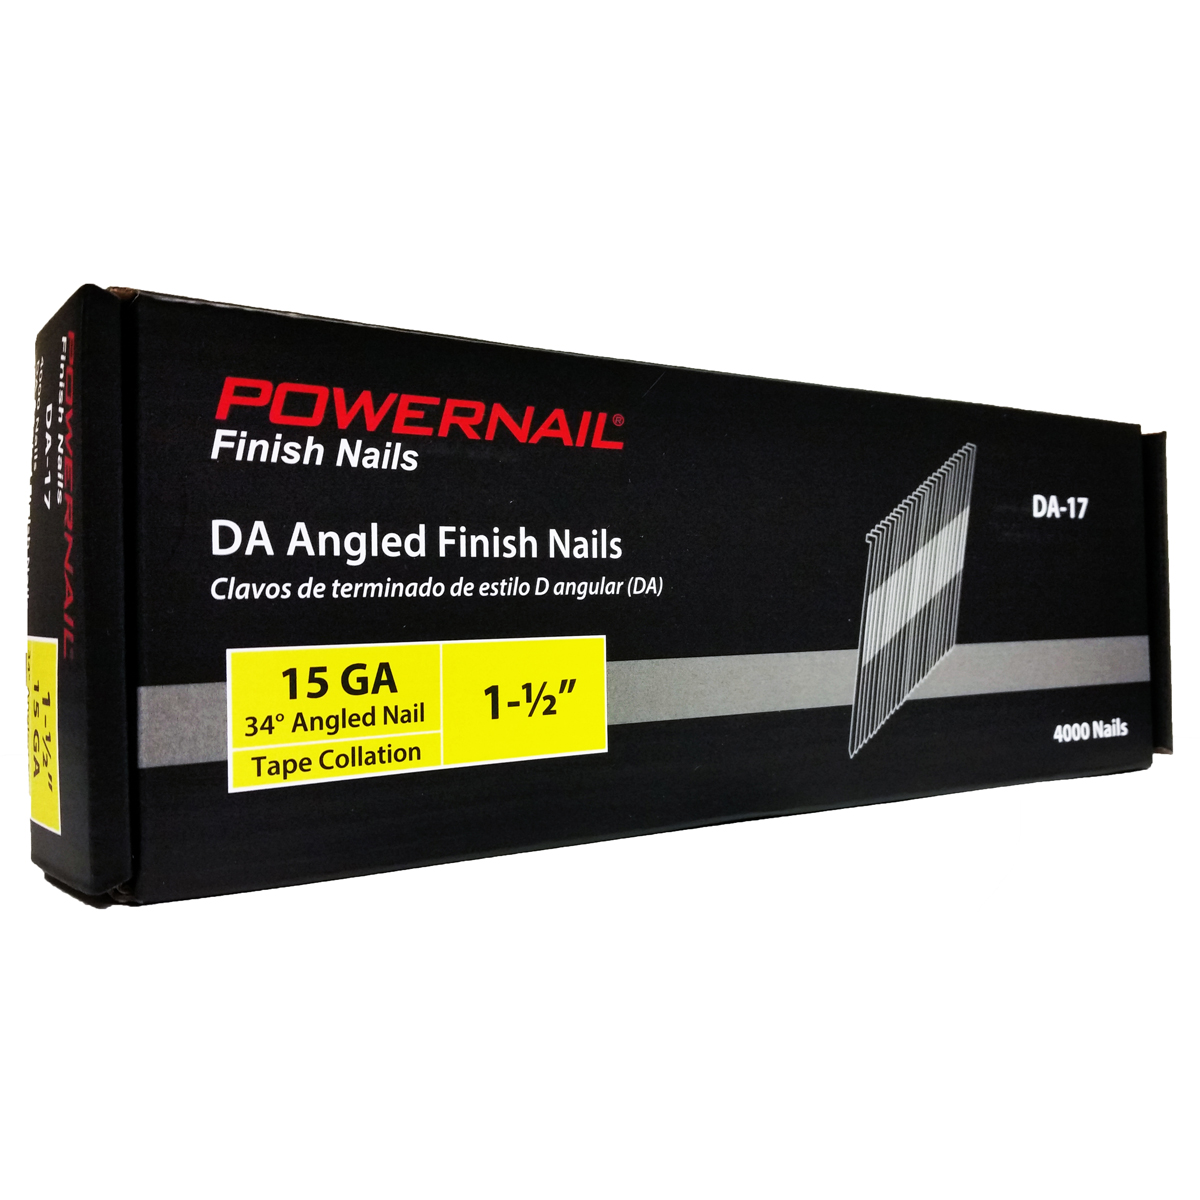 15-Gauge 34° Angled Finish Nails